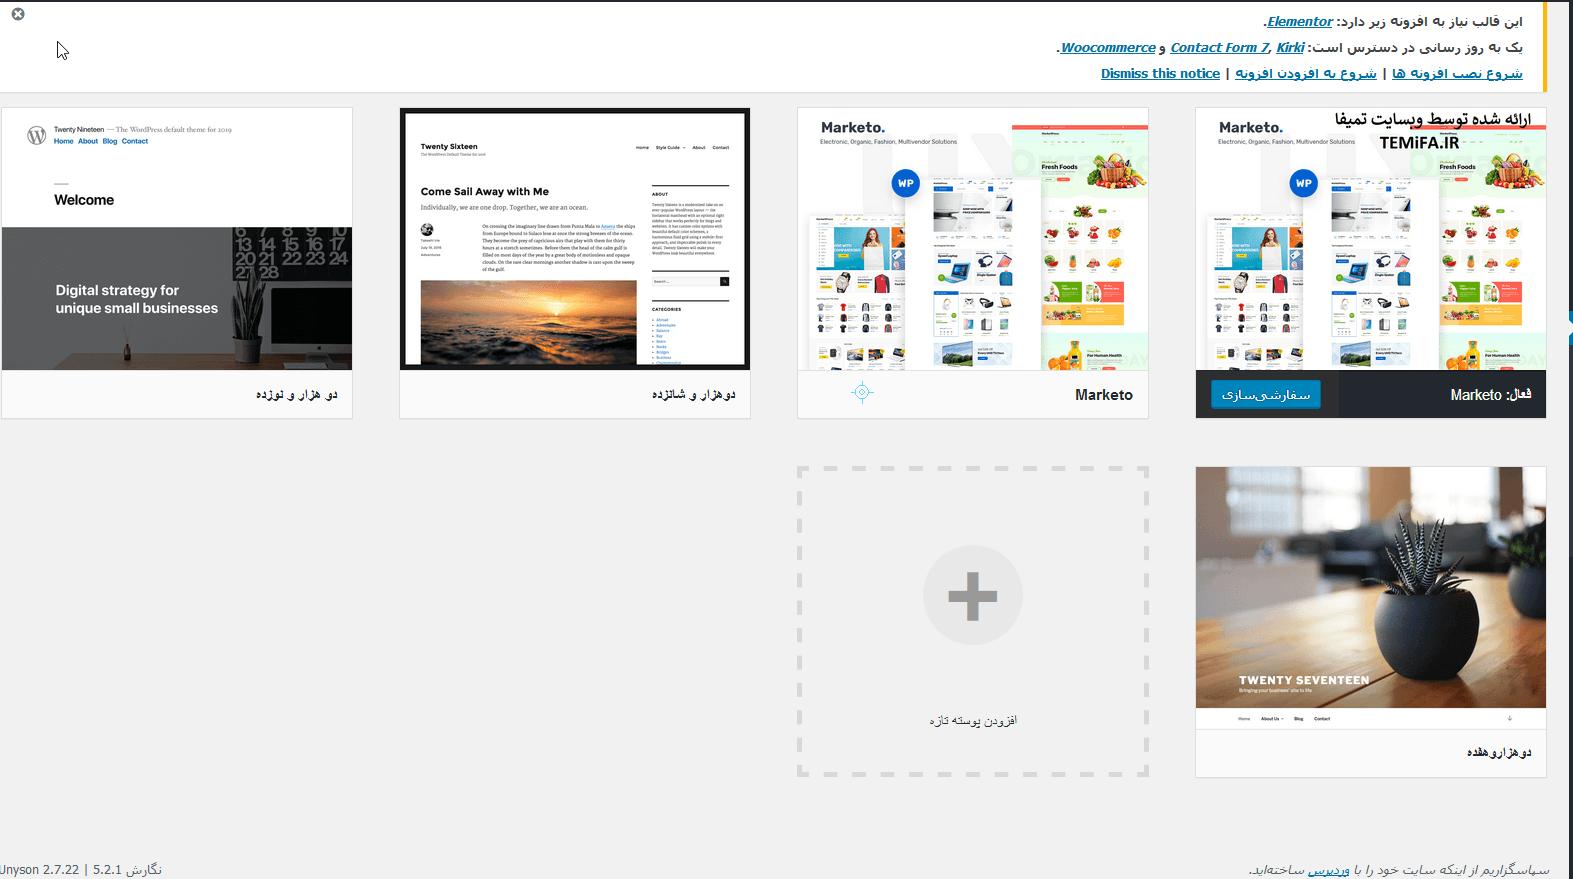 آموزش تصویری نحوه آپدیت قالب های وردپرس بدون تغییر اطلاعات